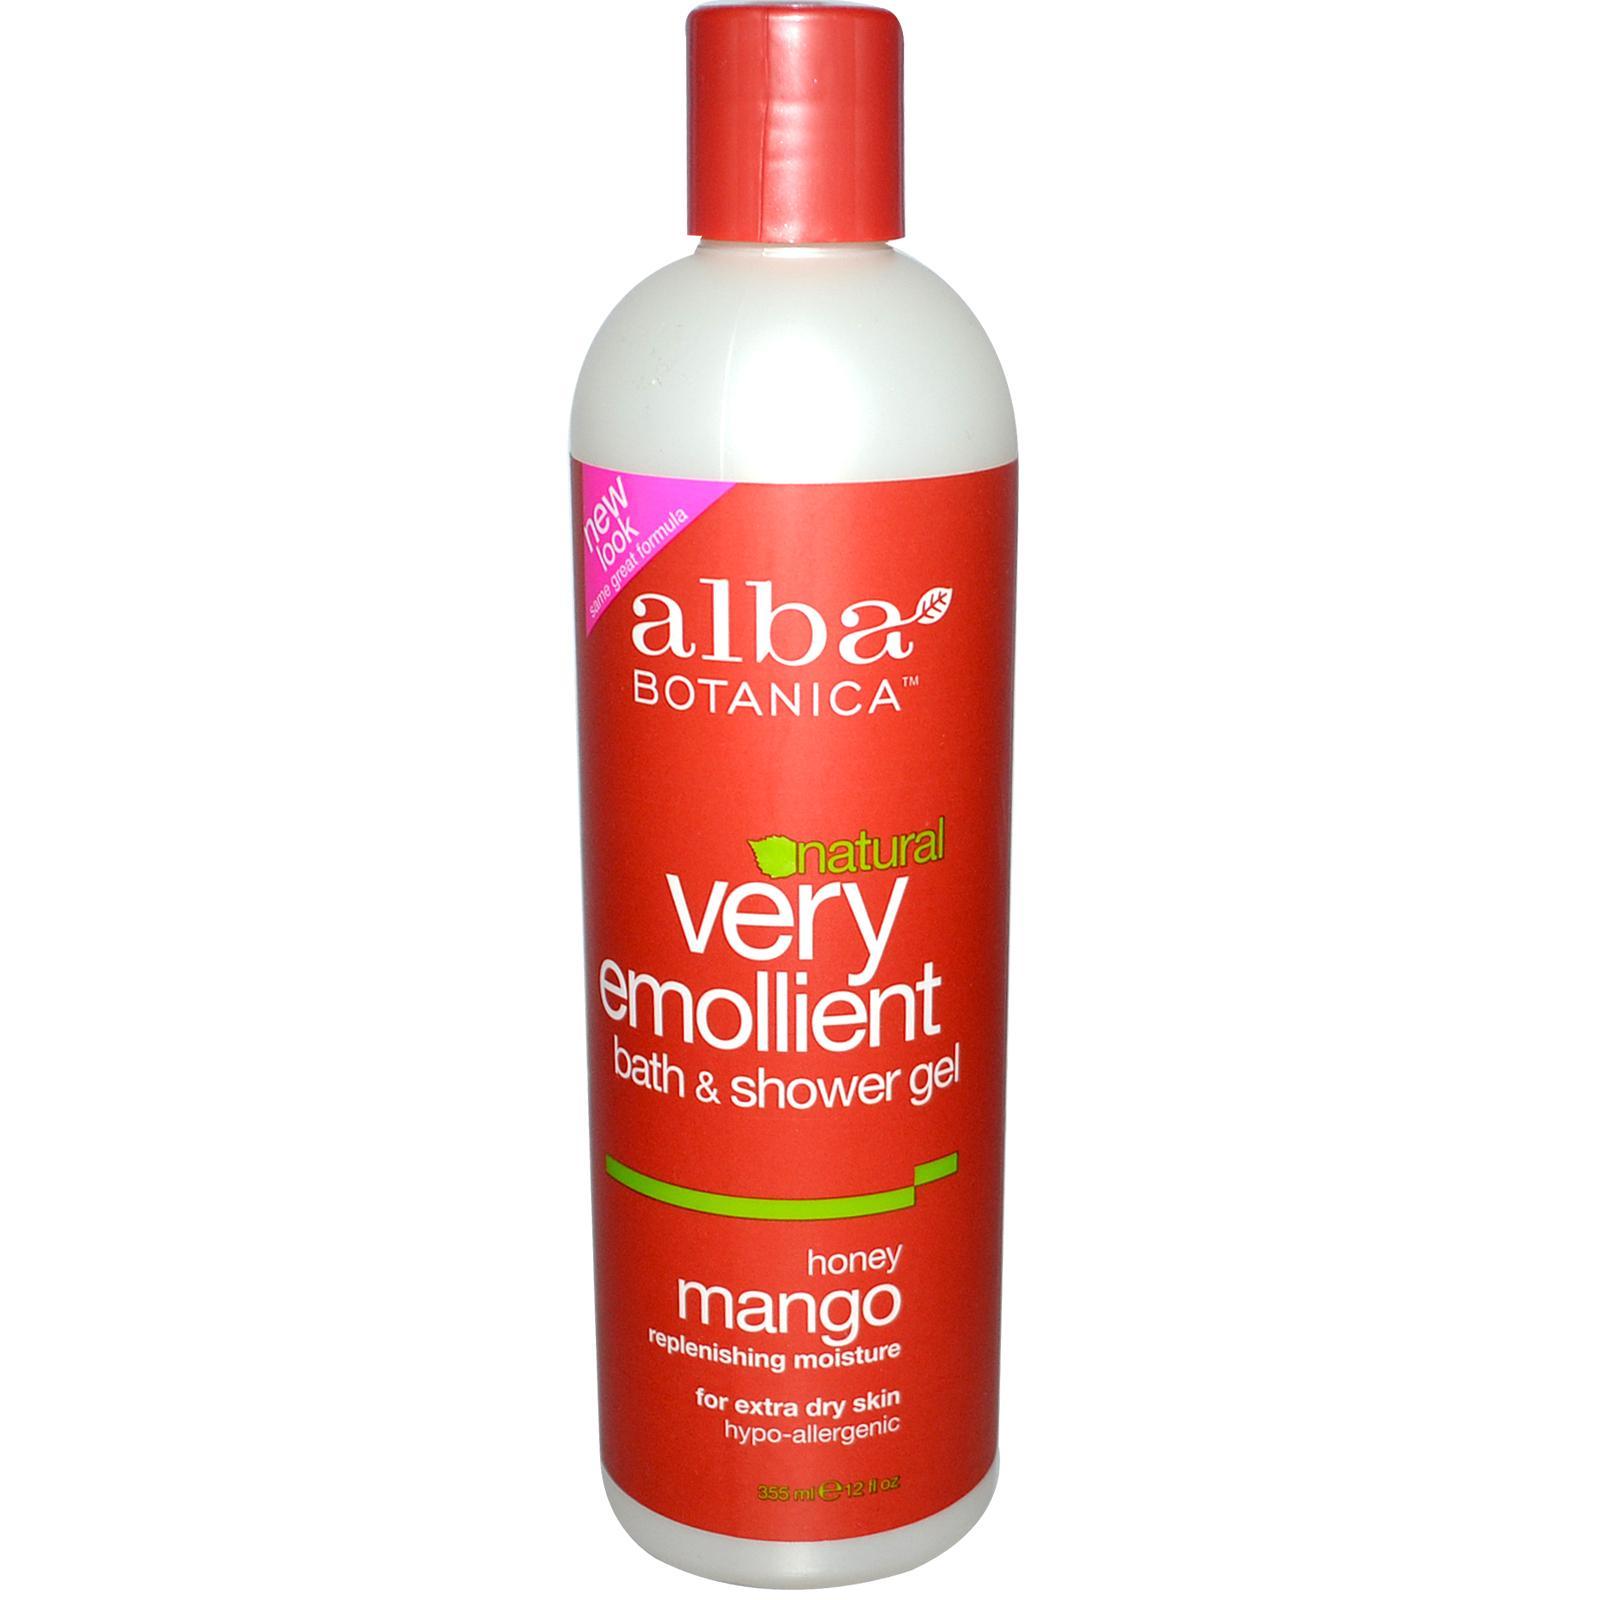 Alba Botanica Honey Mango Body Bath (1x32 Oz)